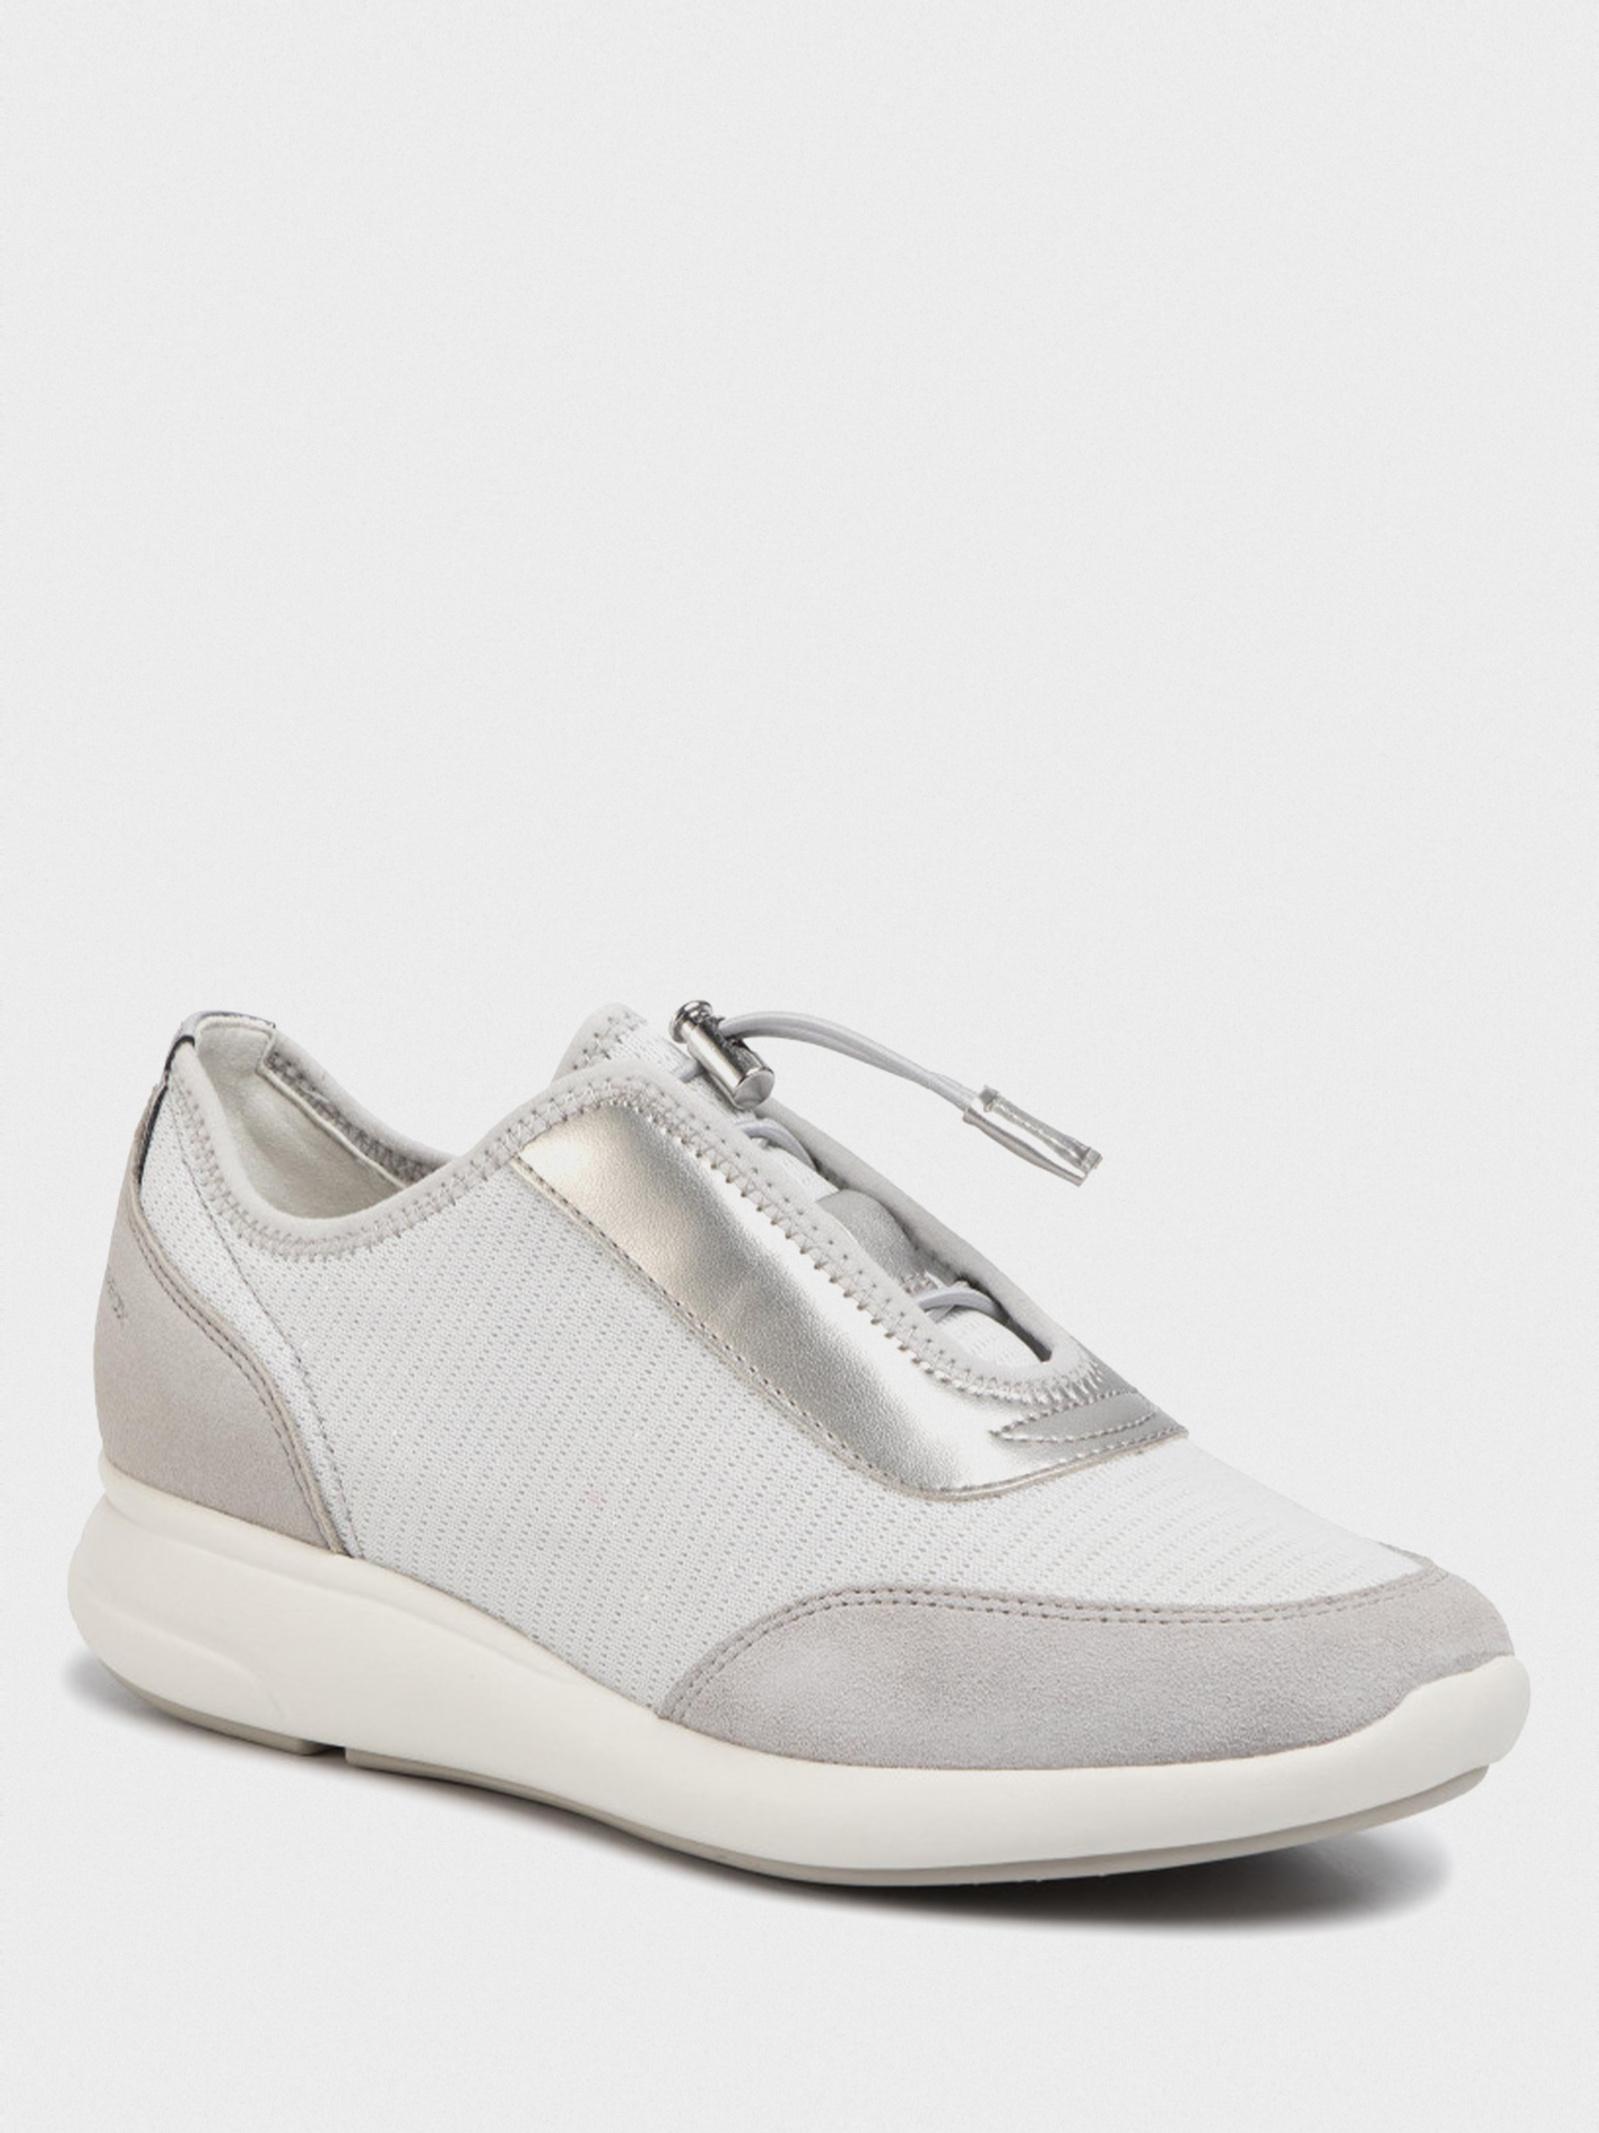 Кросівки  для жінок Geox D OPHIRA D021CA-0EWNF-C1355 купити в Iнтертоп, 2017